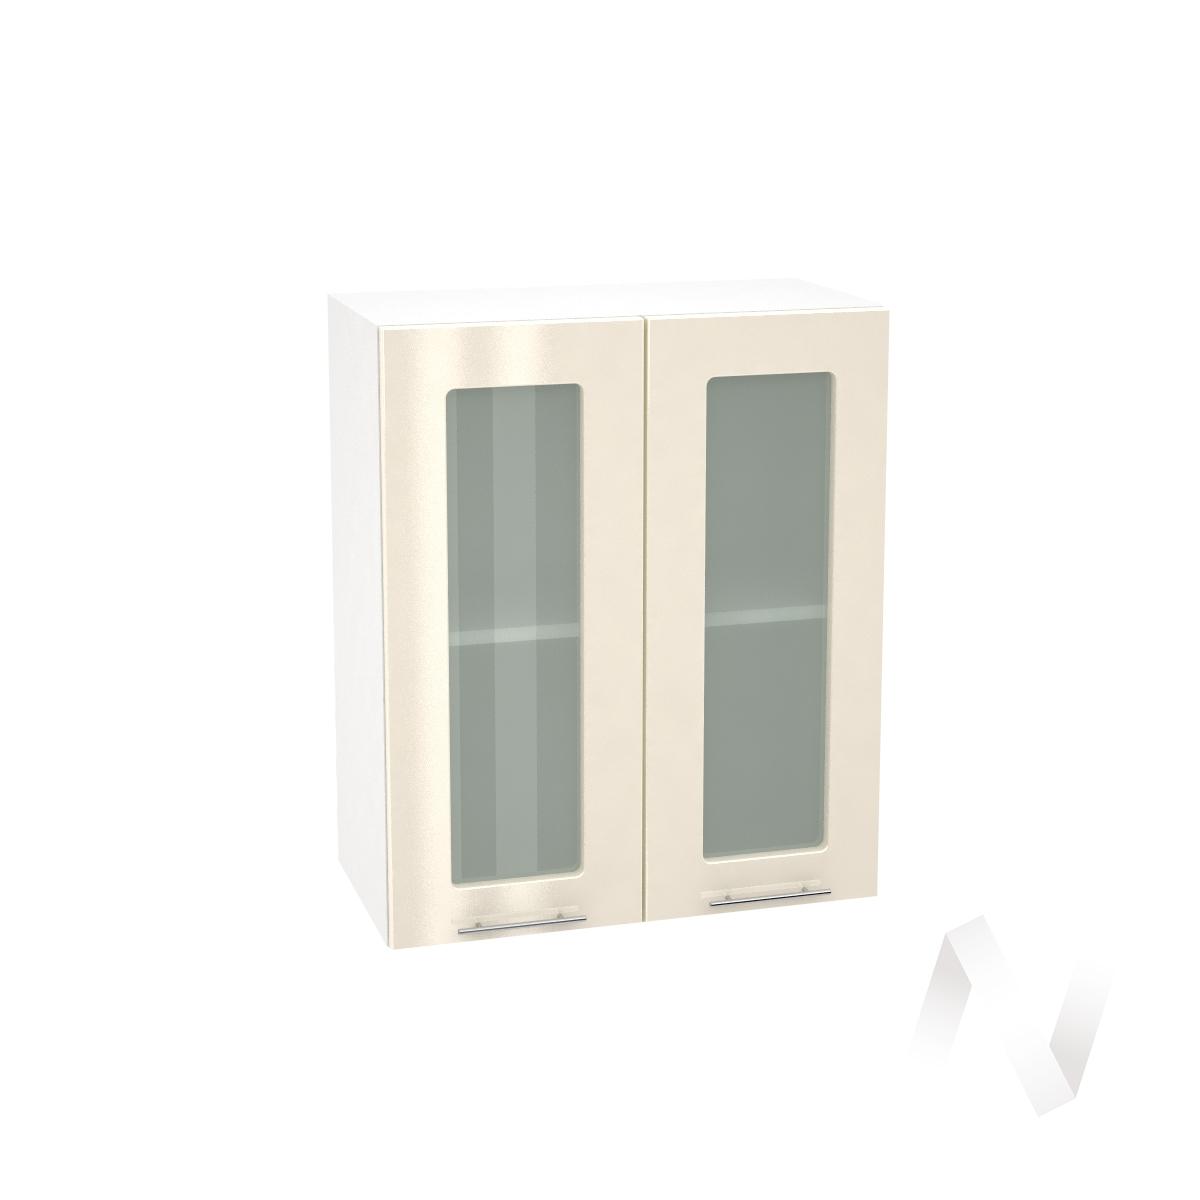 """Кухня """"Валерия-М"""": Шкаф верхний со стеклом 600, ШВС 600 новый (Ваниль глянец/корпус белый)"""